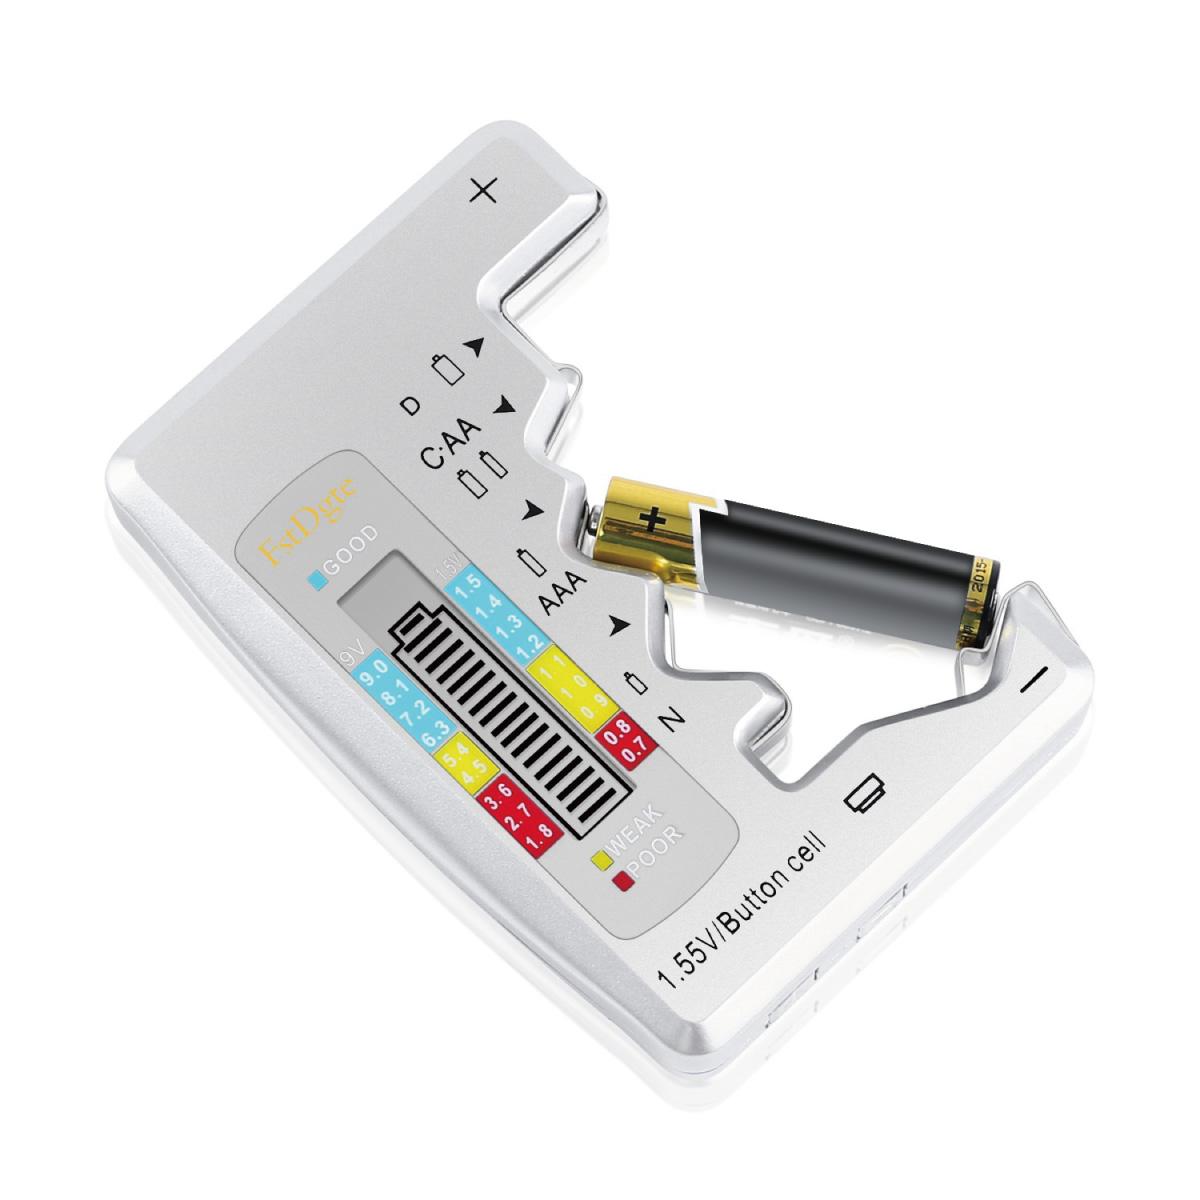 Dijite迪吉特数显电池检测计710-100厂家直销批发价 数显电池检测计电池检测计